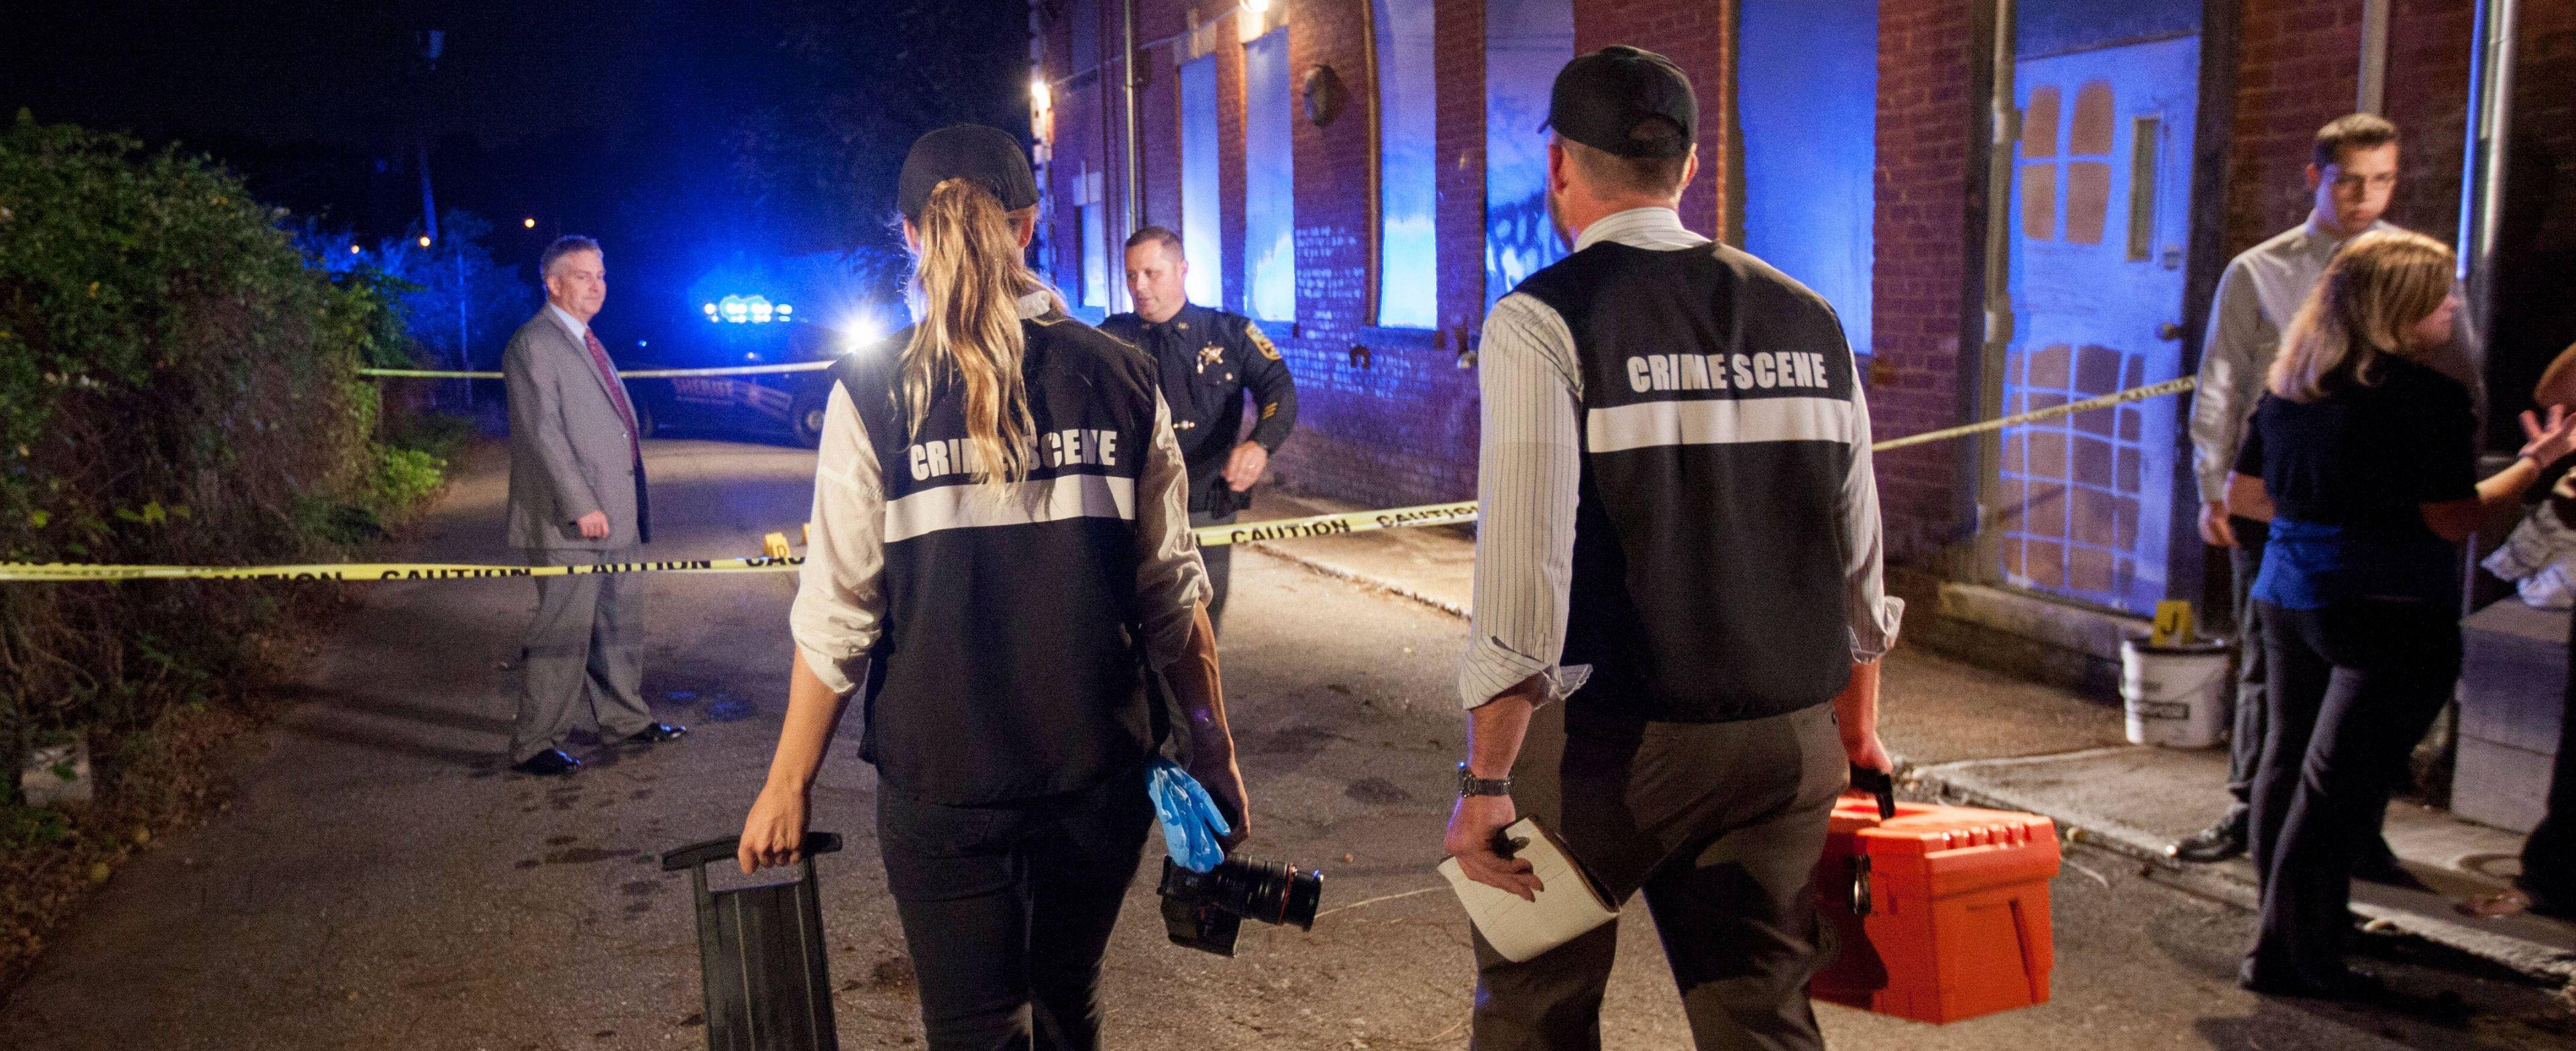 bs-in--criminal-justice-crime-scene-investigation